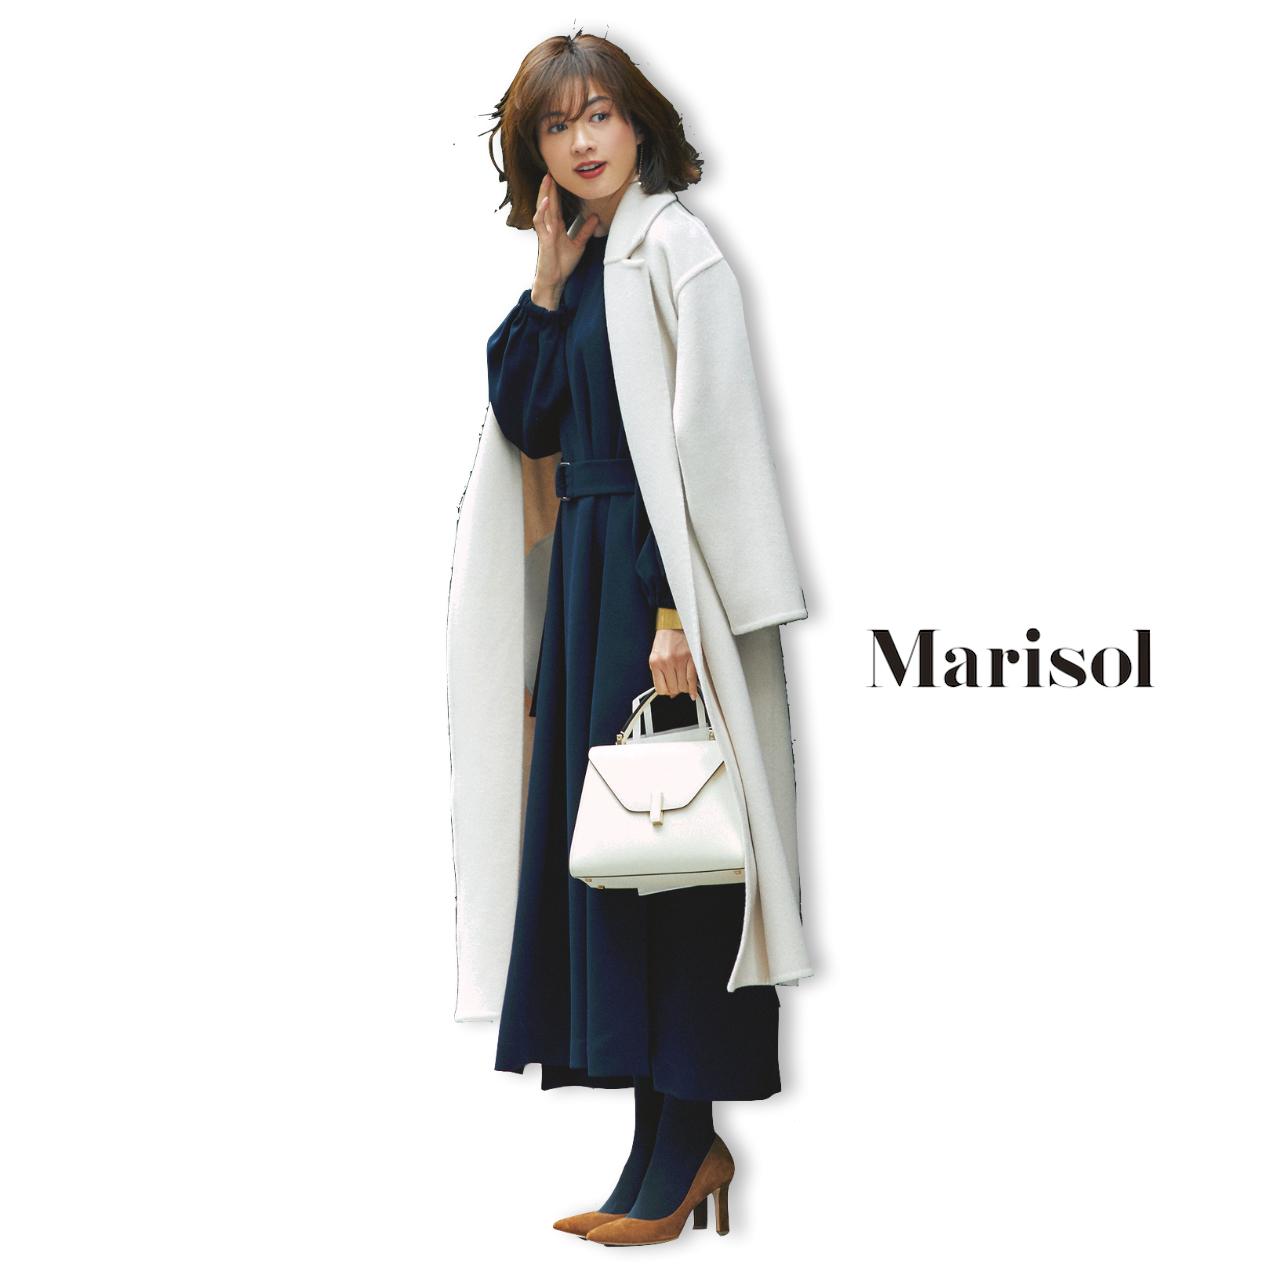 40代ファッション 白ロングコート×ネイビーワンピースコーデ